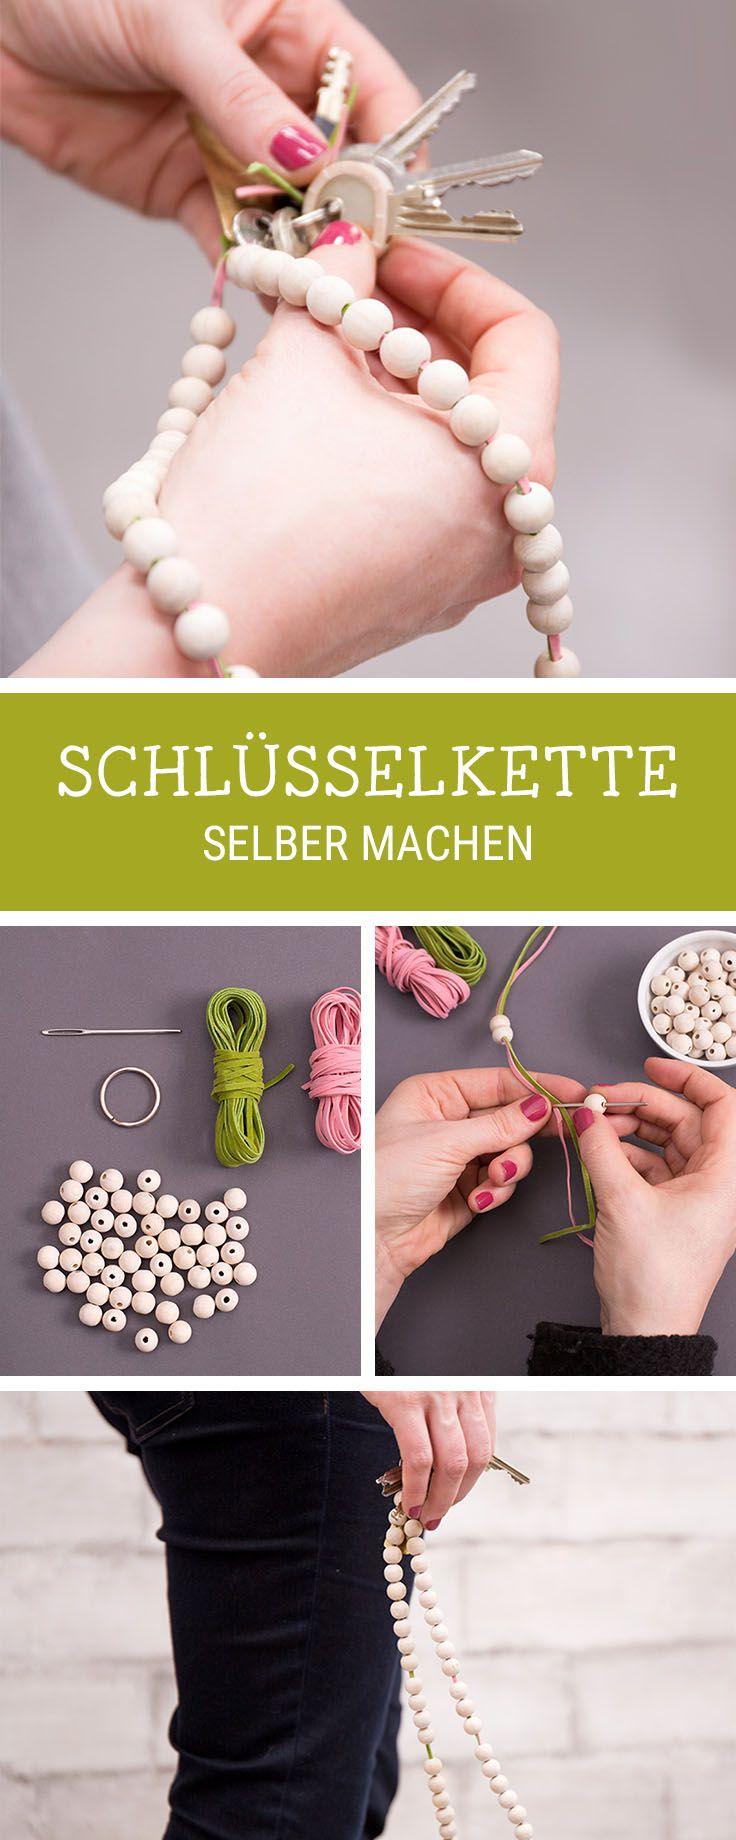 Basteln mit Kinder: Schlüsselkette aus Holzperlen selbermachen / easy kids DIY: use wooden pearls to make a keychain via DaWanda.com